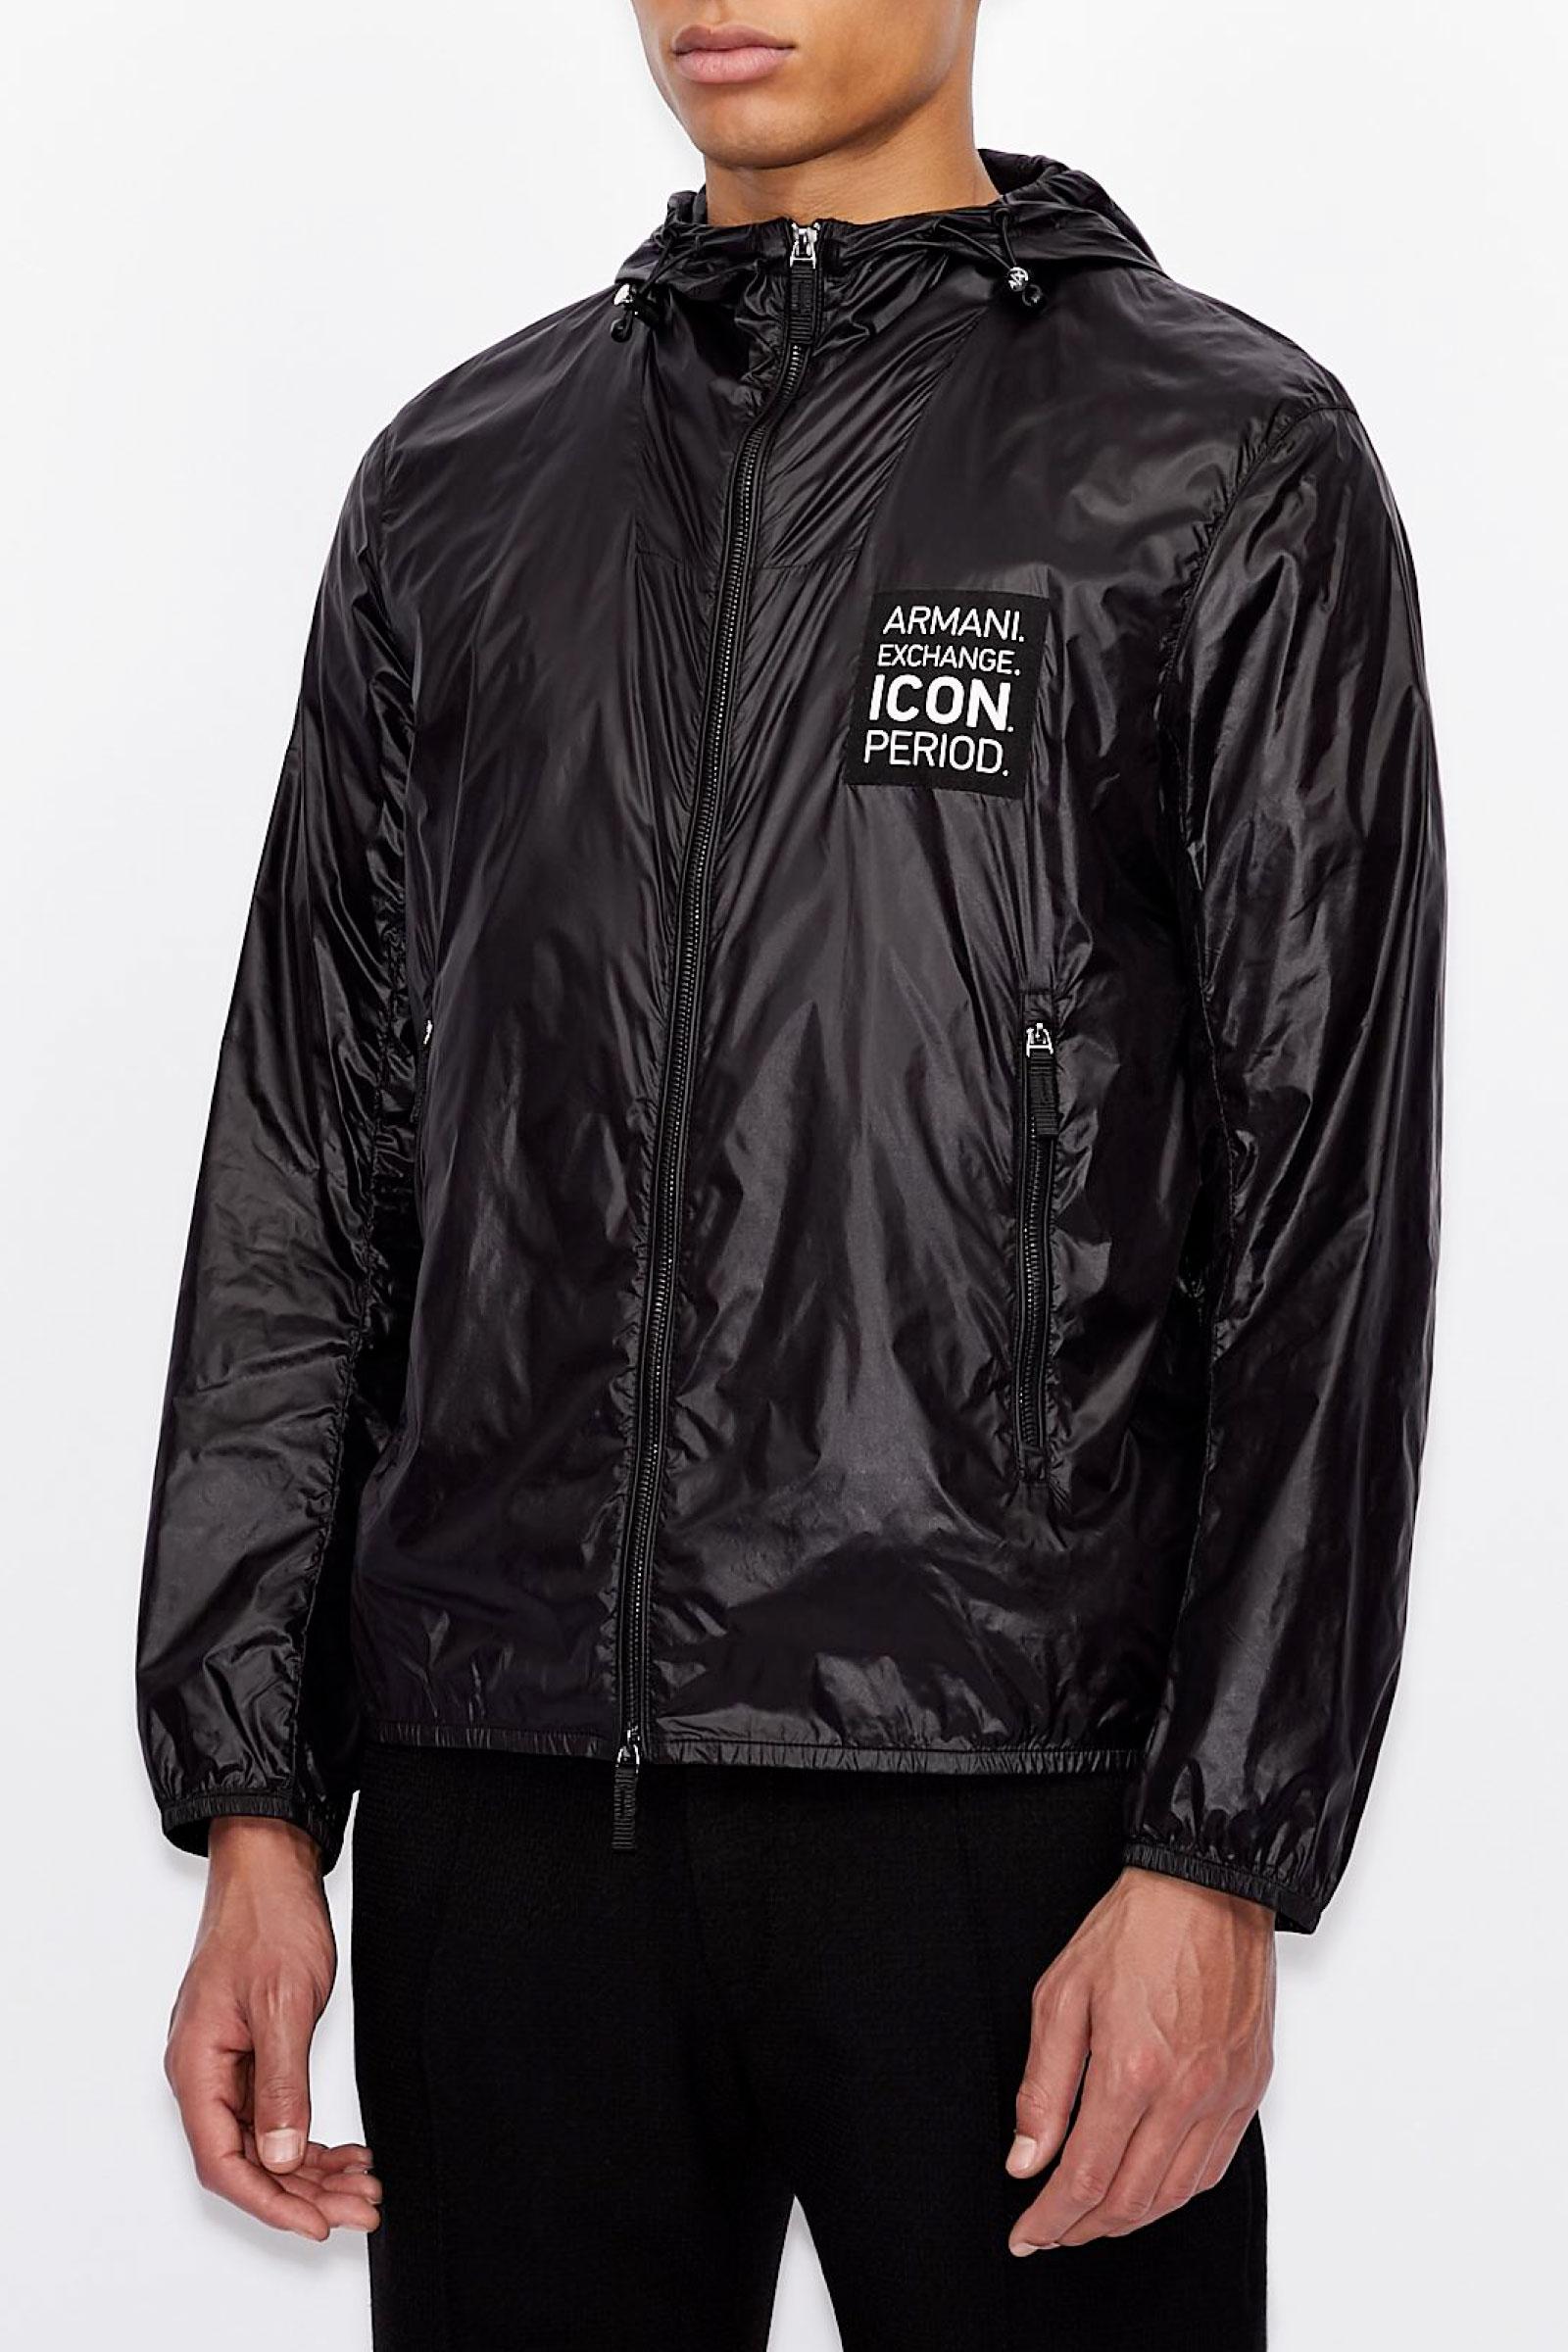 ARMANI EXCHANGE   Jacket   8NZBP3 ZNYNZ1200